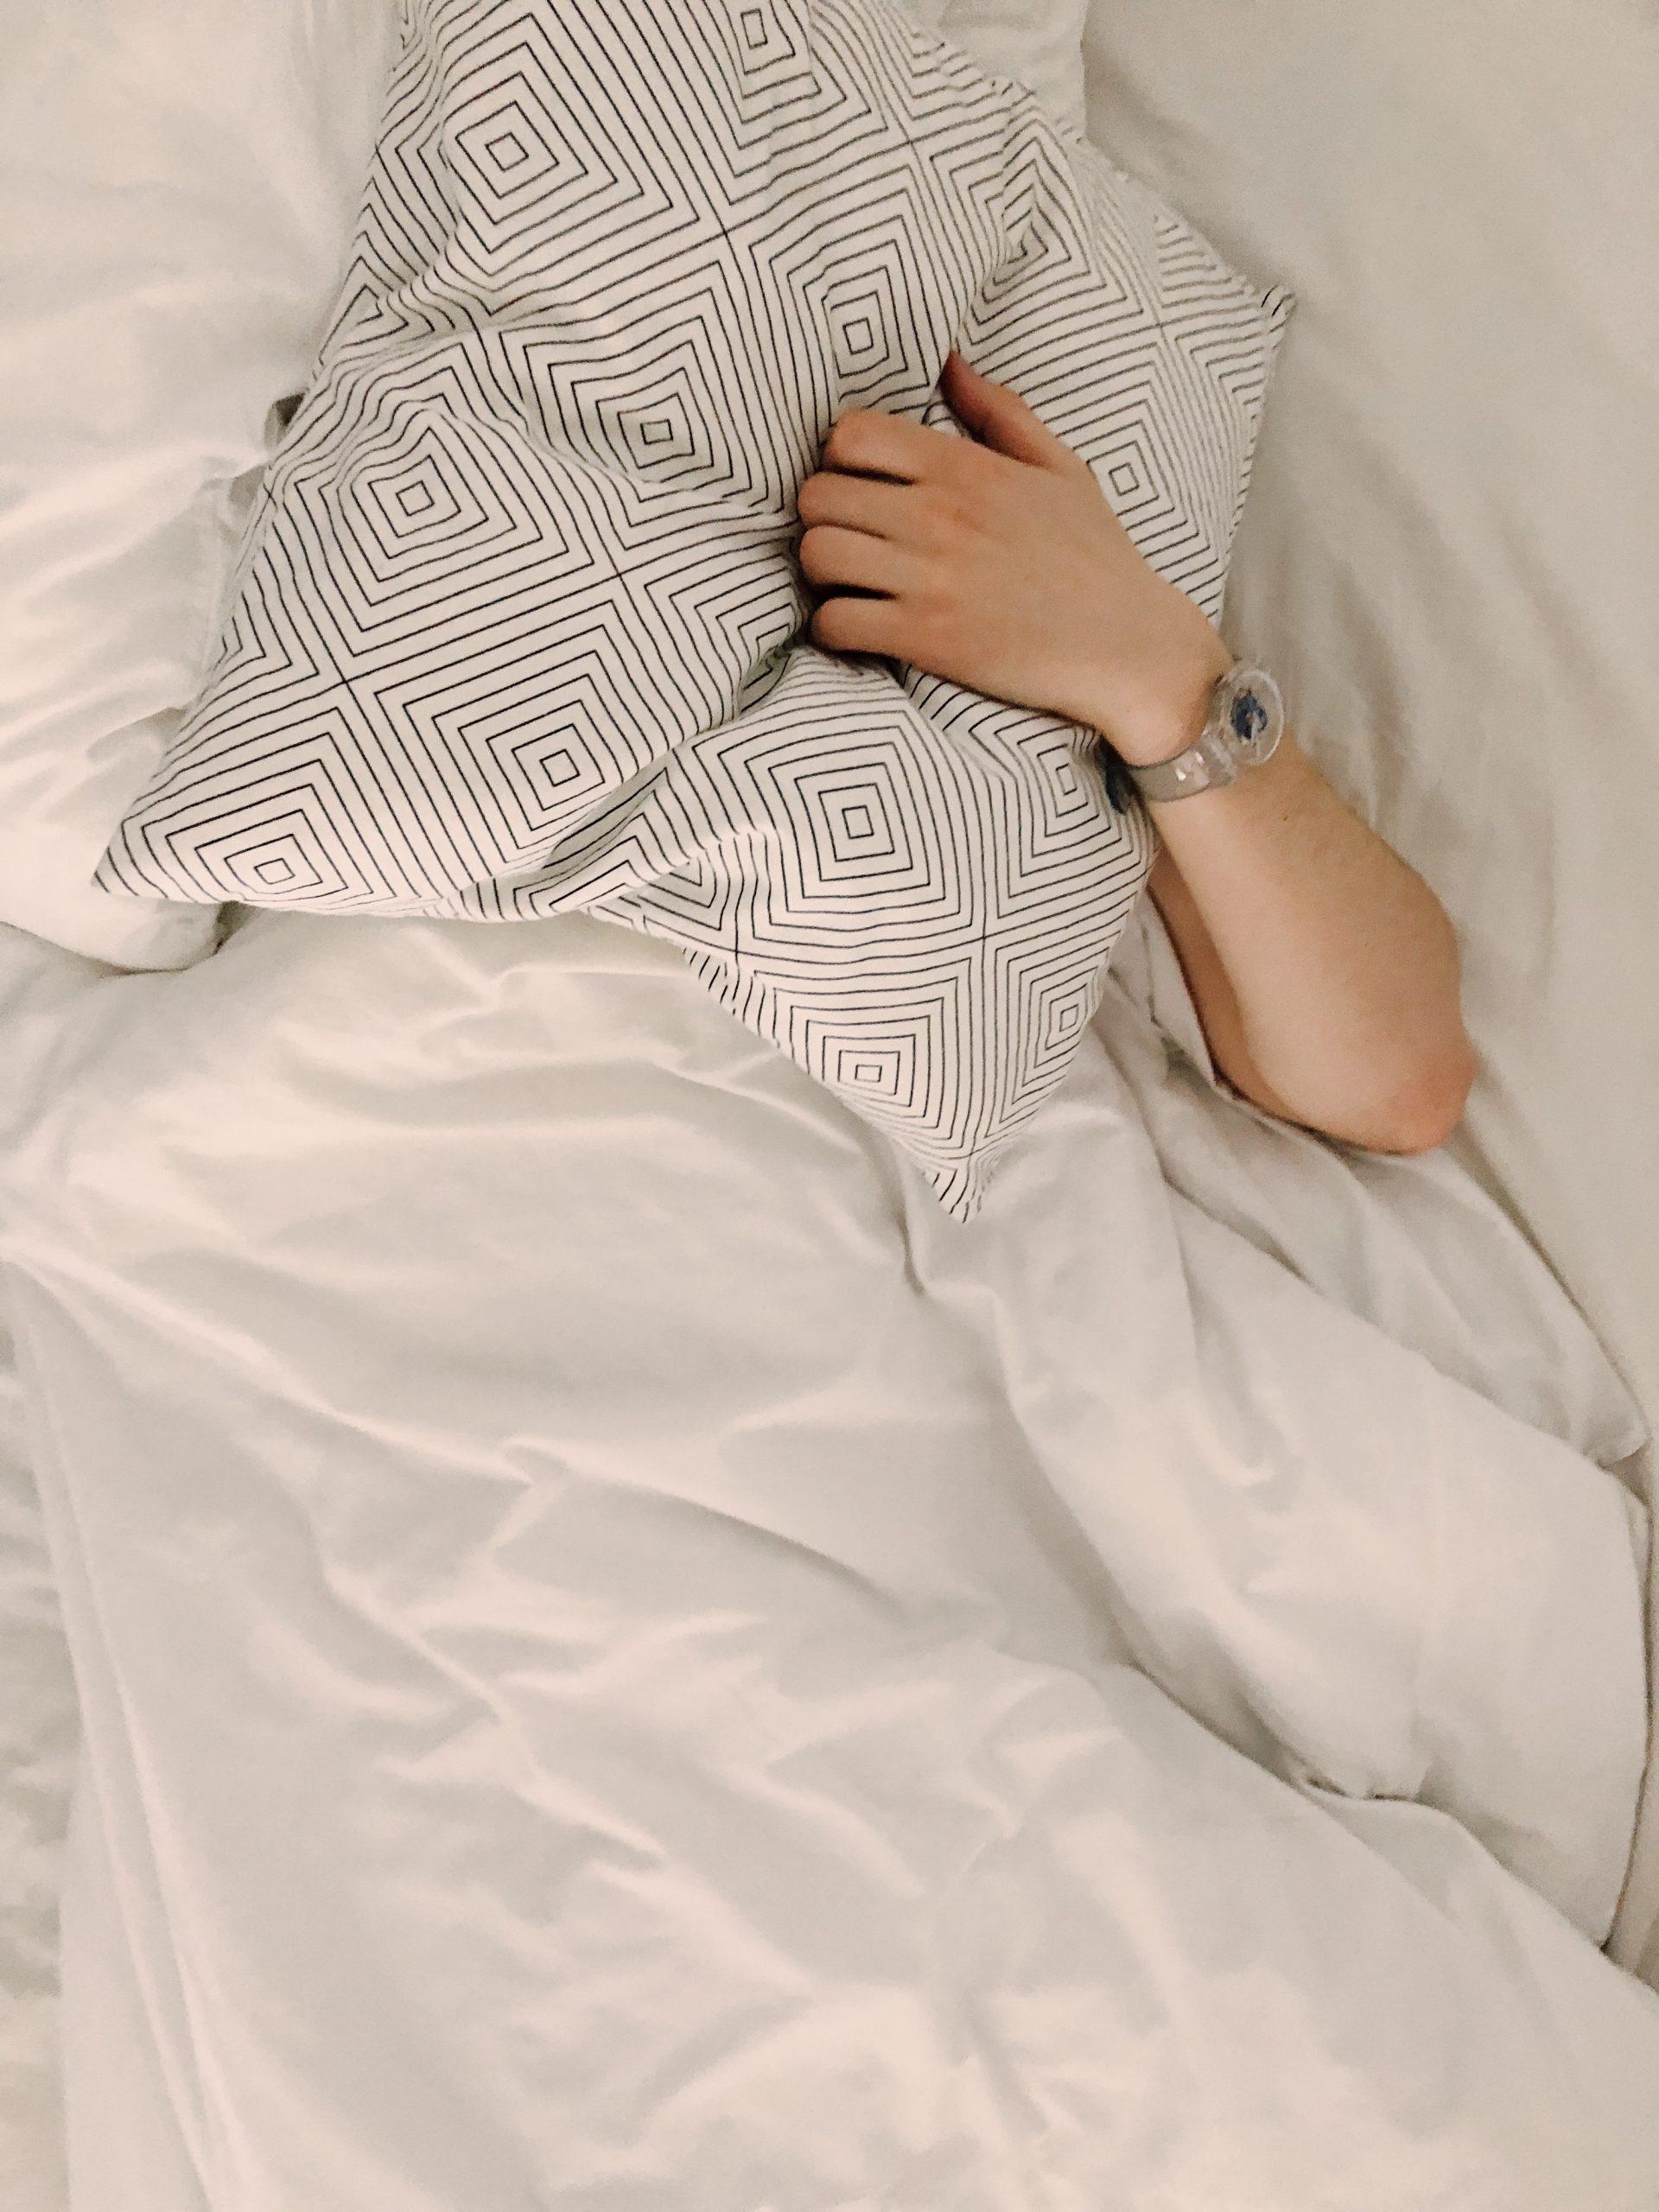 Welke bedden en matrassen zijn geschikt voor mensen met incontinentieproblemen